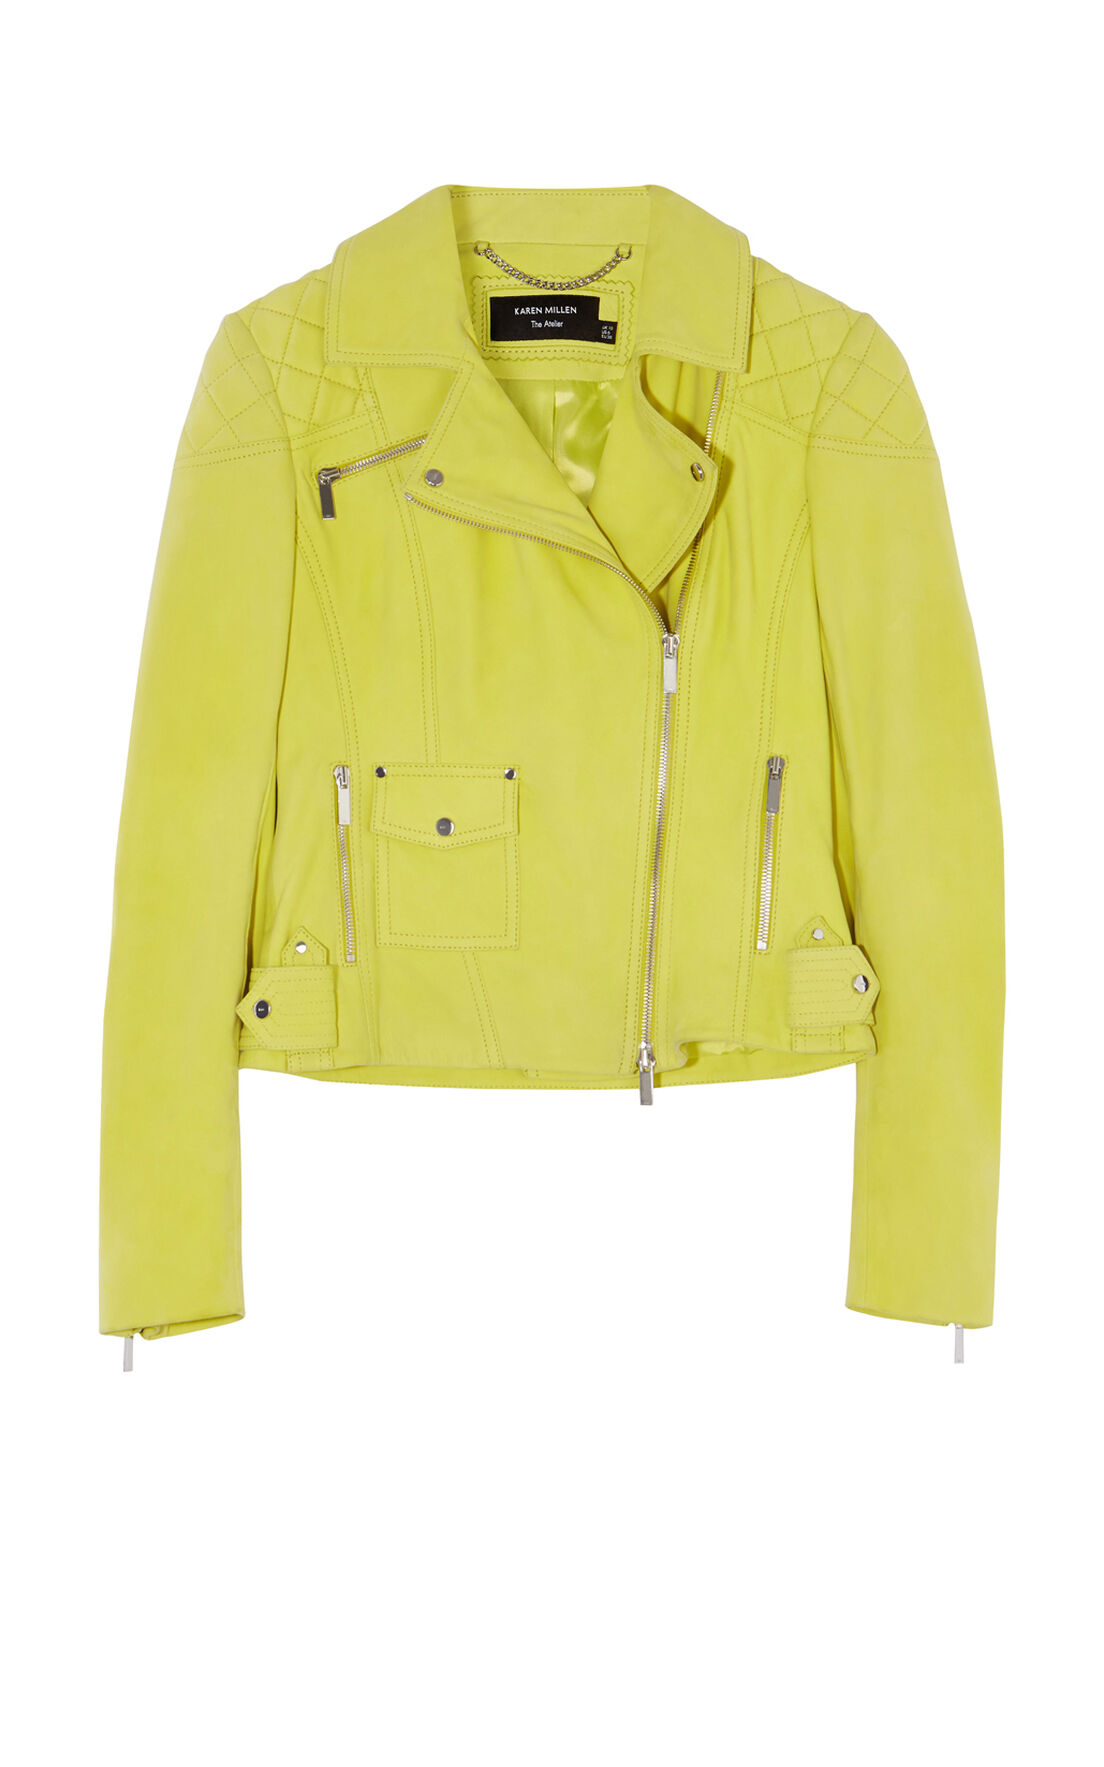 Karen Millen, YELLOW SUEDE BIKER JACKET Yellow 0